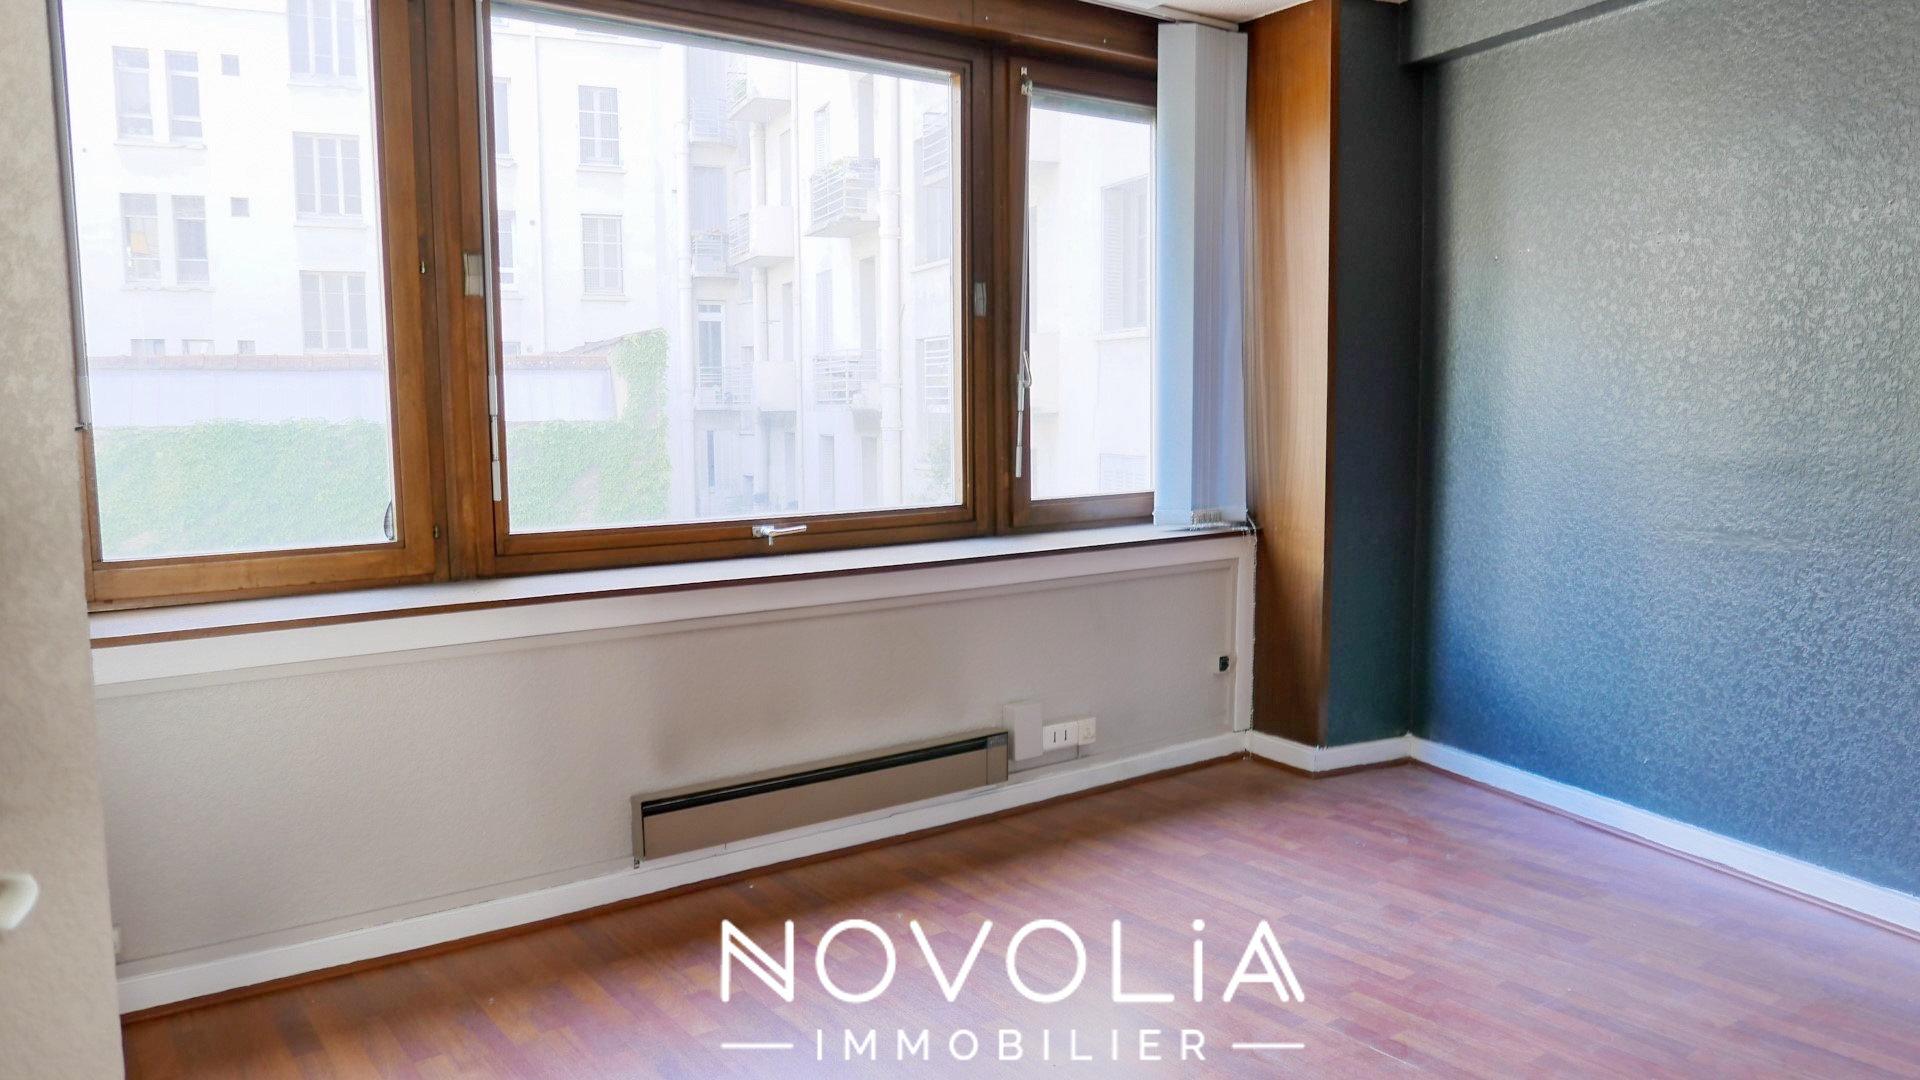 Achat Appartement, Surface de 203.5 m²/ Total carrez : 203 m², 11 pièces, Lyon 7ème (69007)